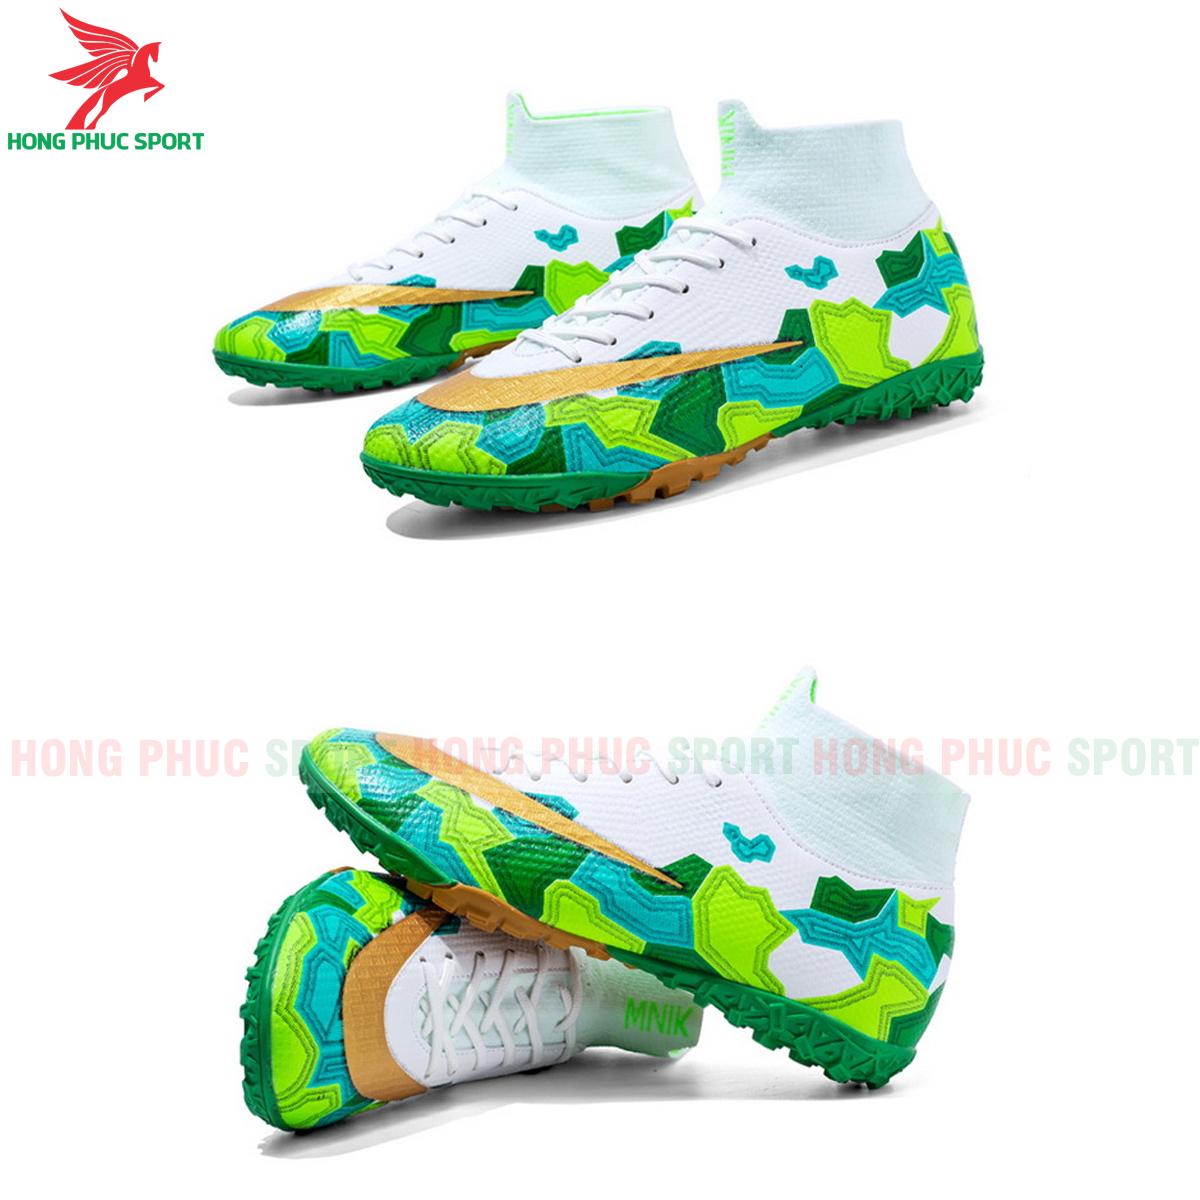 Giày đá banh Superfly VII Mbappe V2 2020 TF mẫu 2 màu xanh lá (1)